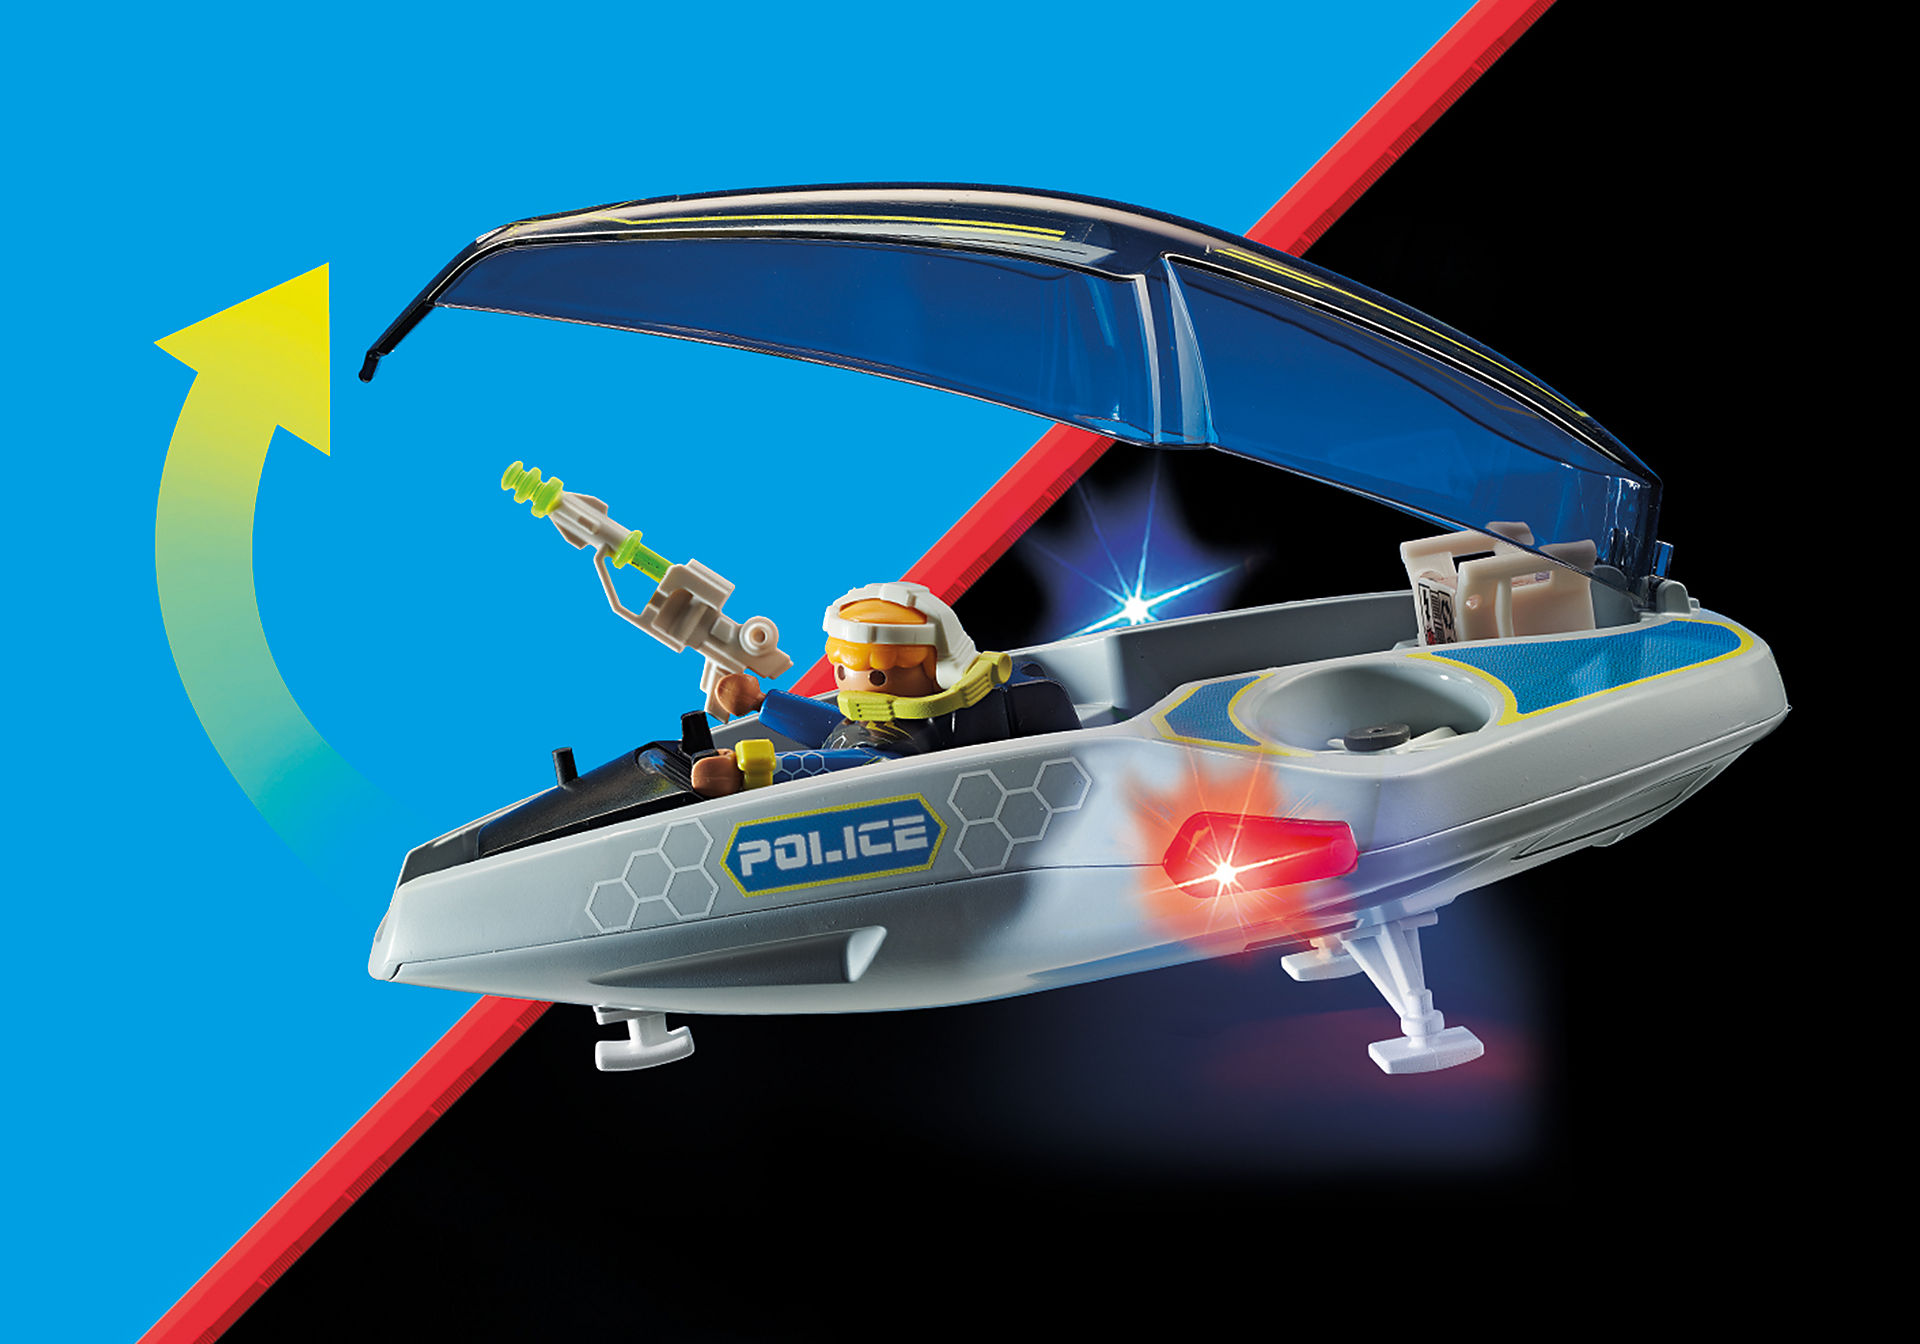 70019 Policía Galáctica Planeador zoom image5